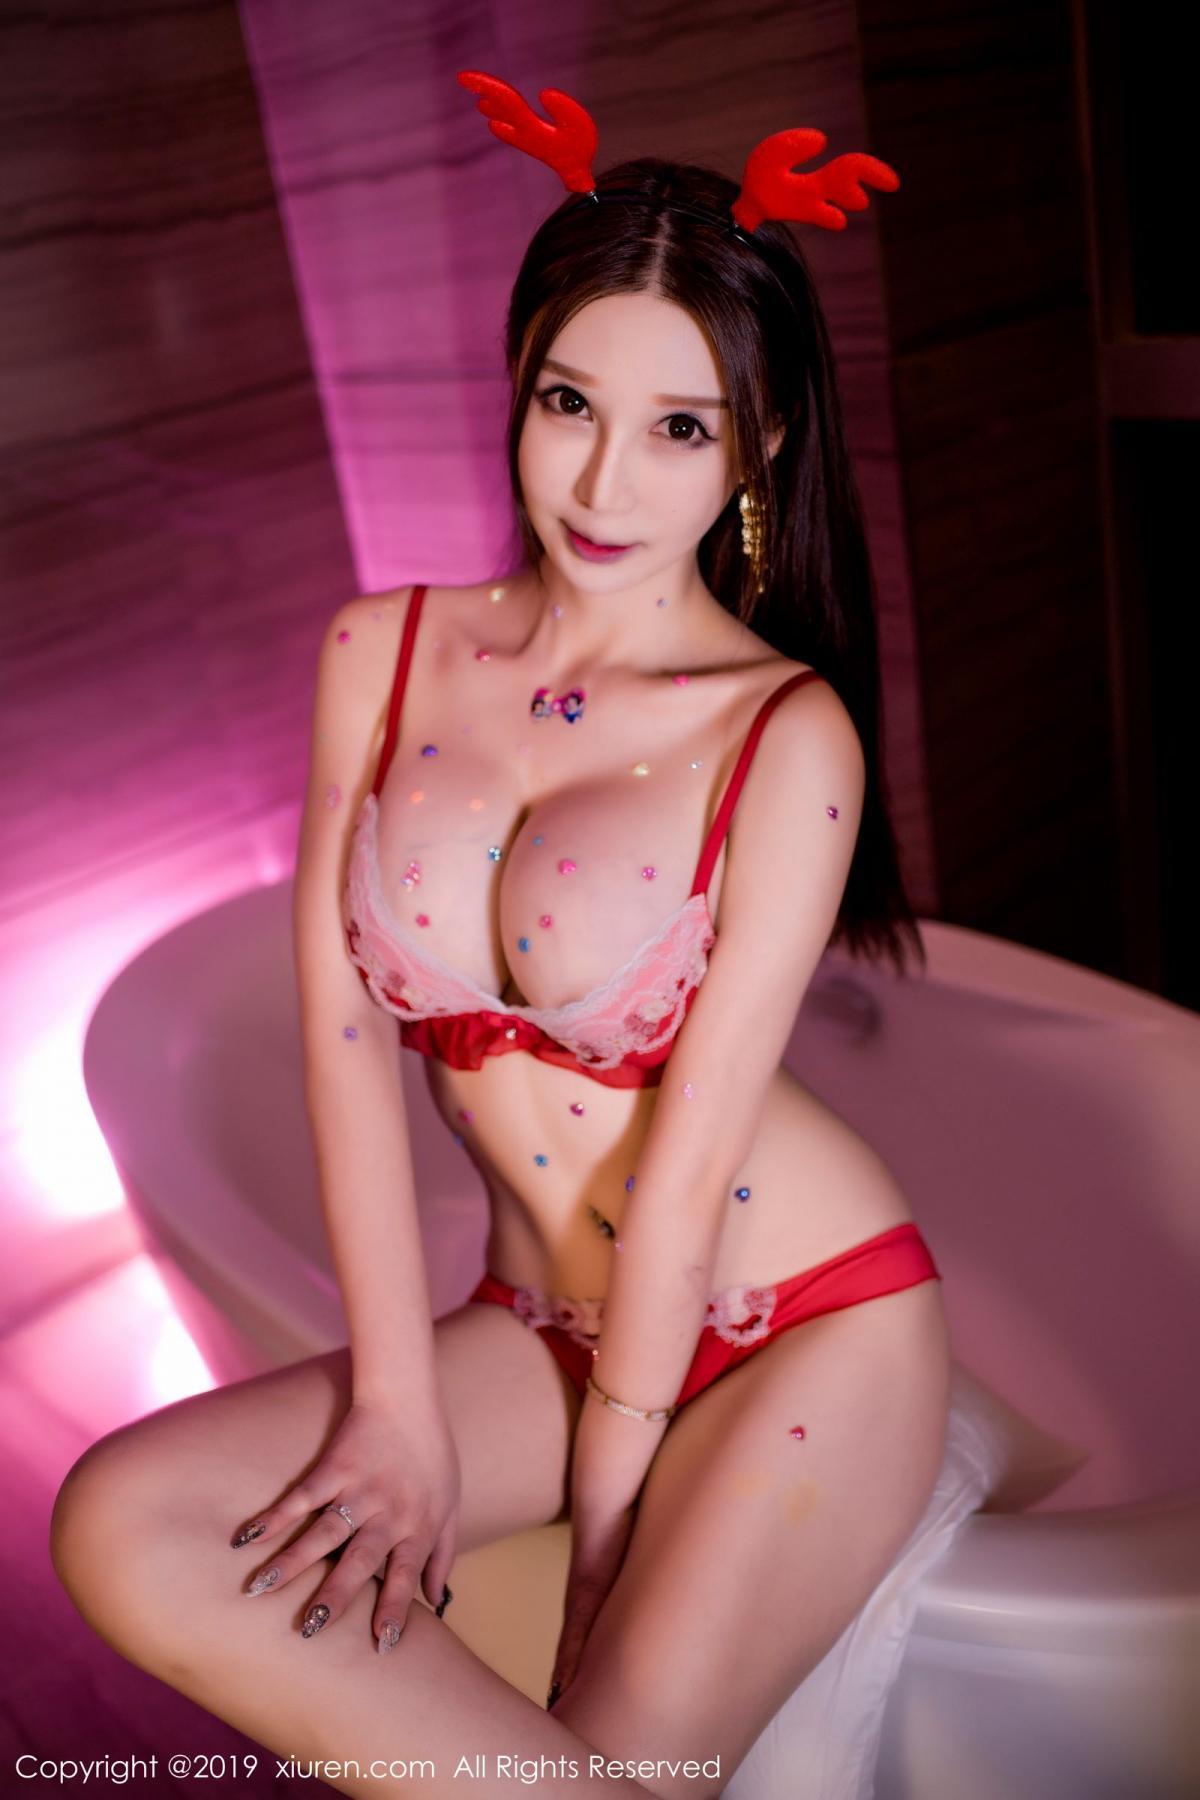 [XiuRen] Vol.1506 Li Mi Er 39P, Li Mi Er, Underwear, Xiuren